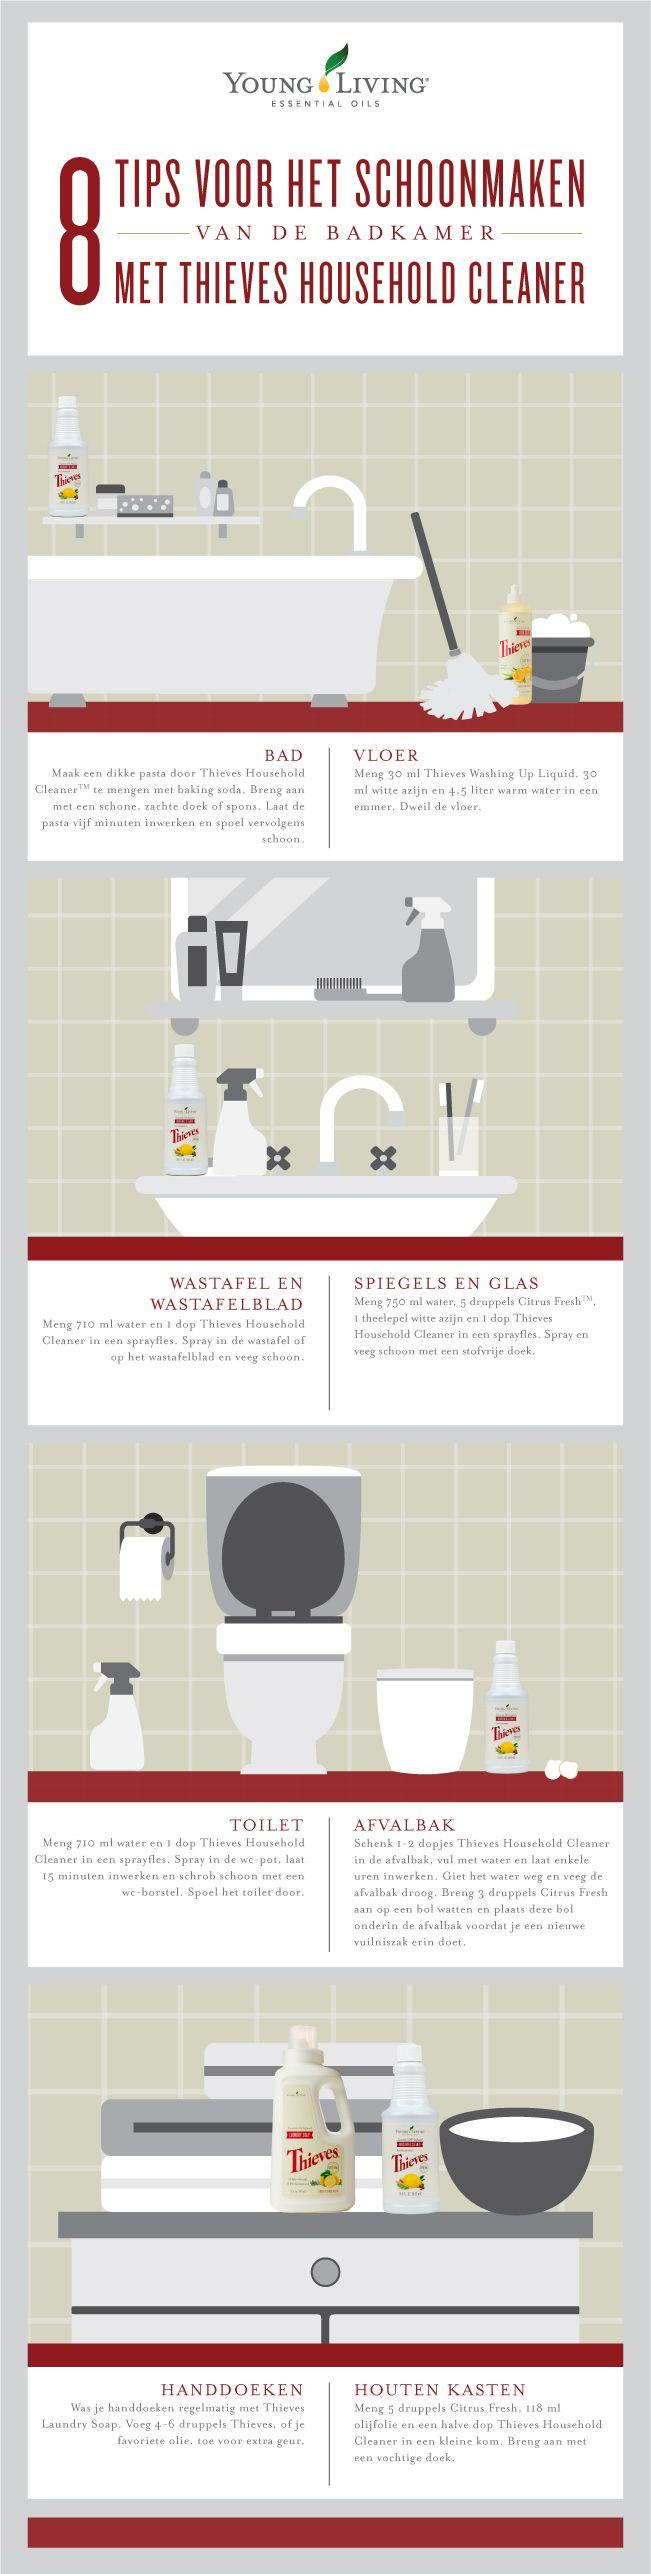 Tips Voor Het Schoonmaken Van De Badkamer Met Thieves Allesreiniger Badkamer Schoonmaken Allesreiniger Schoonmaaktips